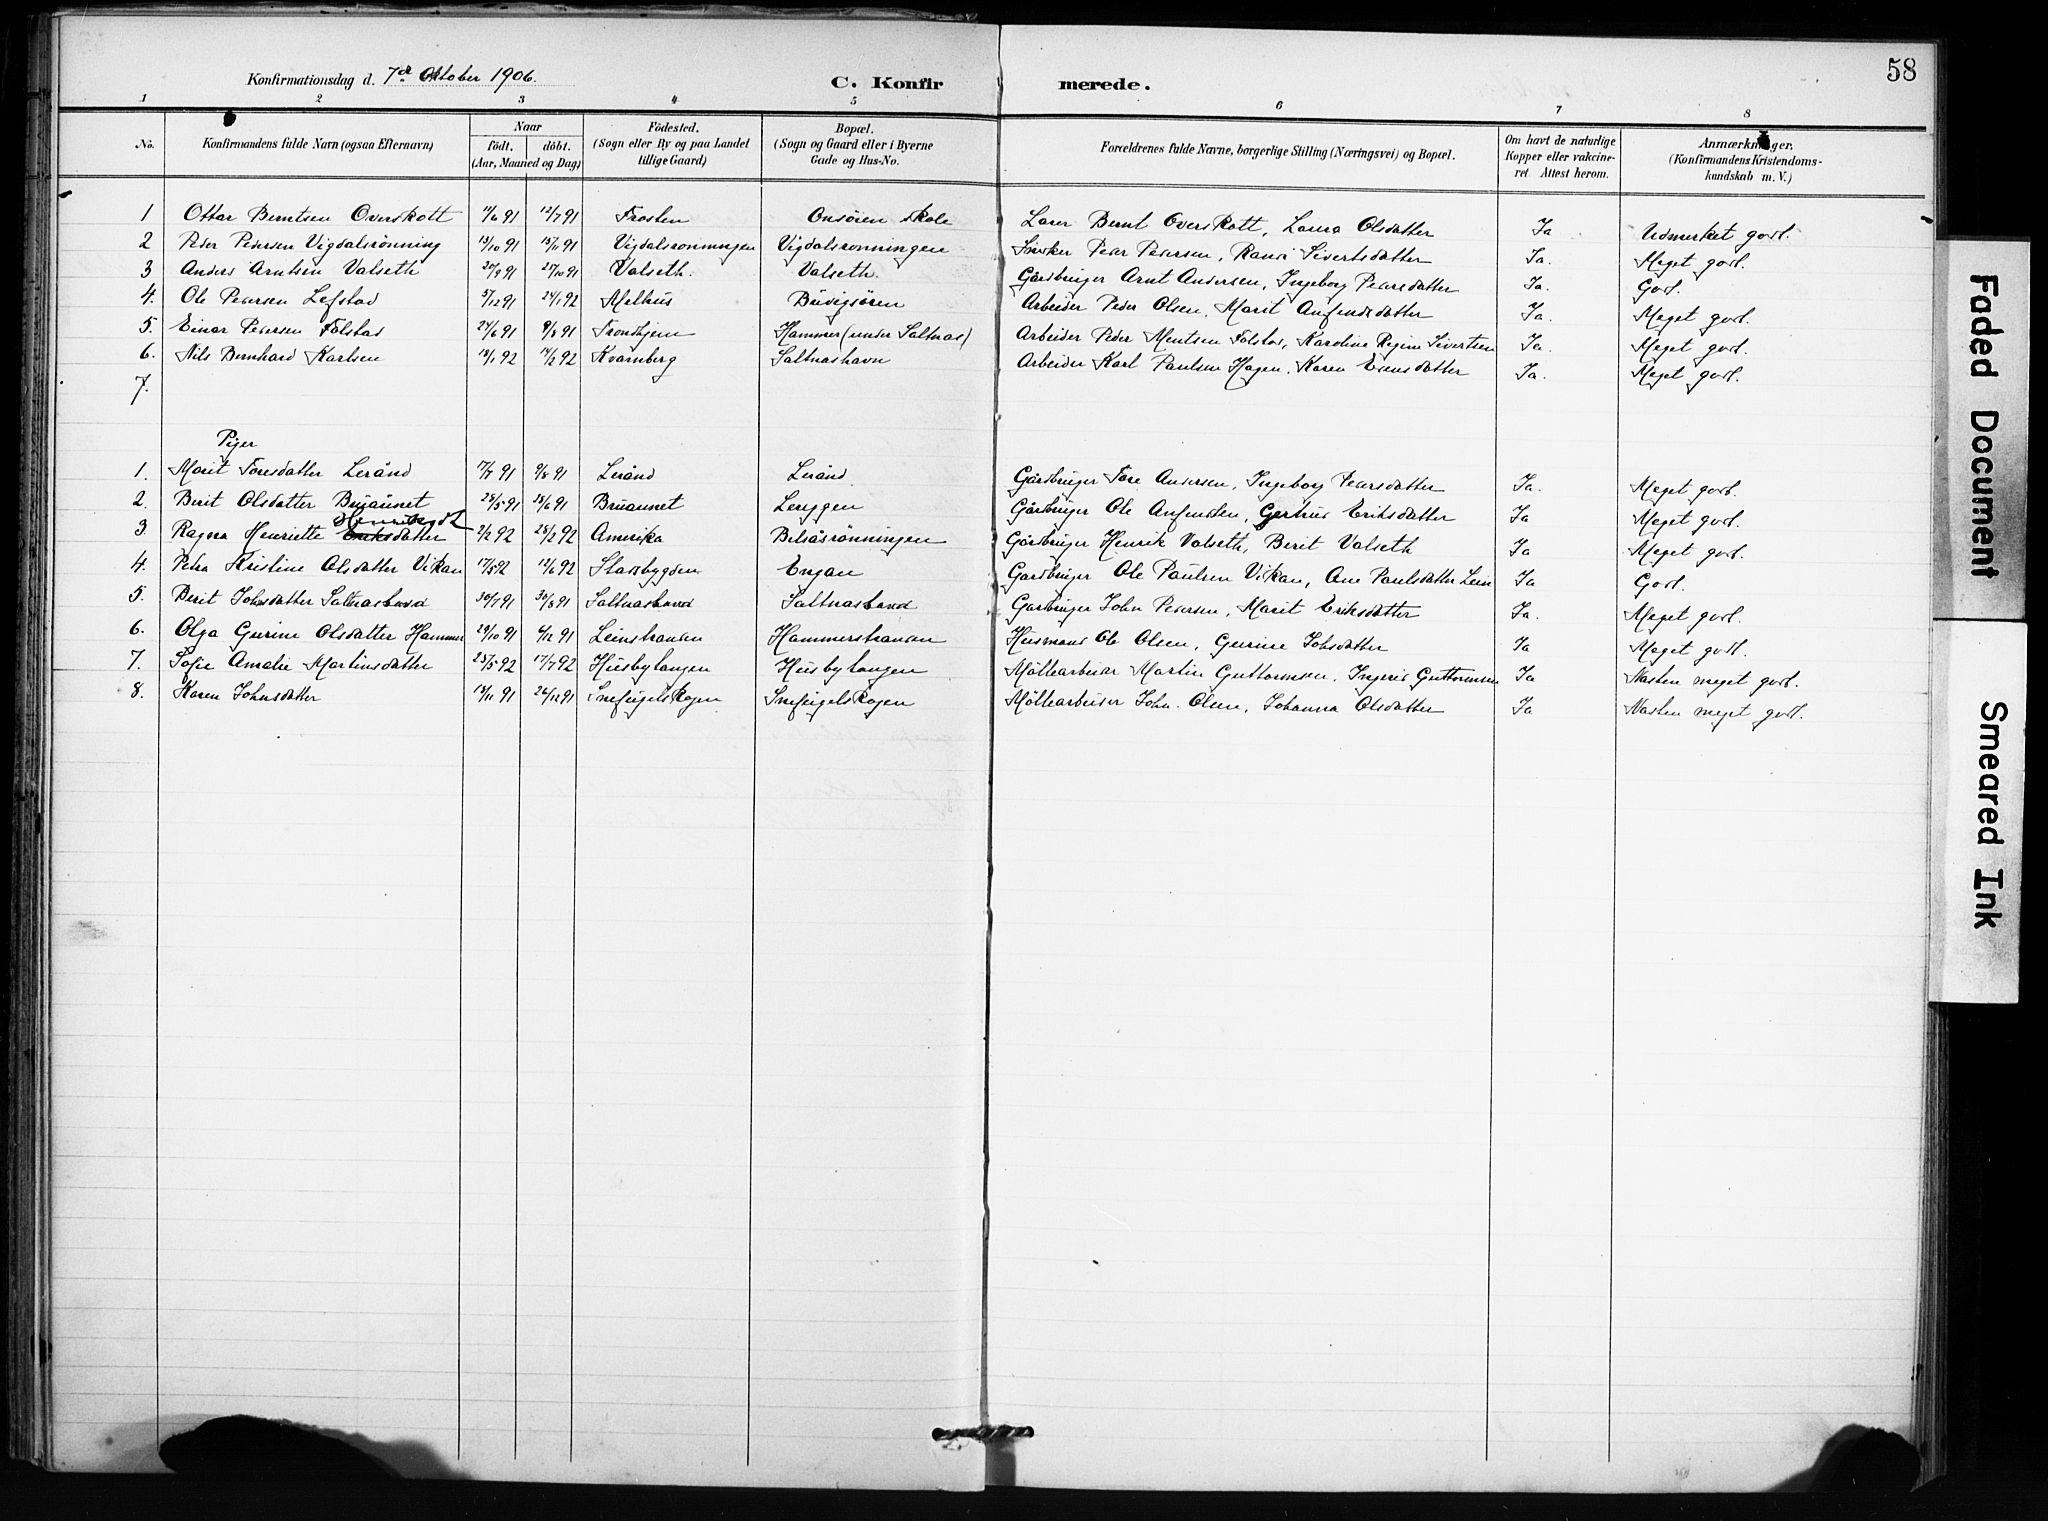 SAT, Ministerialprotokoller, klokkerbøker og fødselsregistre - Sør-Trøndelag, 666/L0787: Ministerialbok nr. 666A05, 1895-1908, s. 58